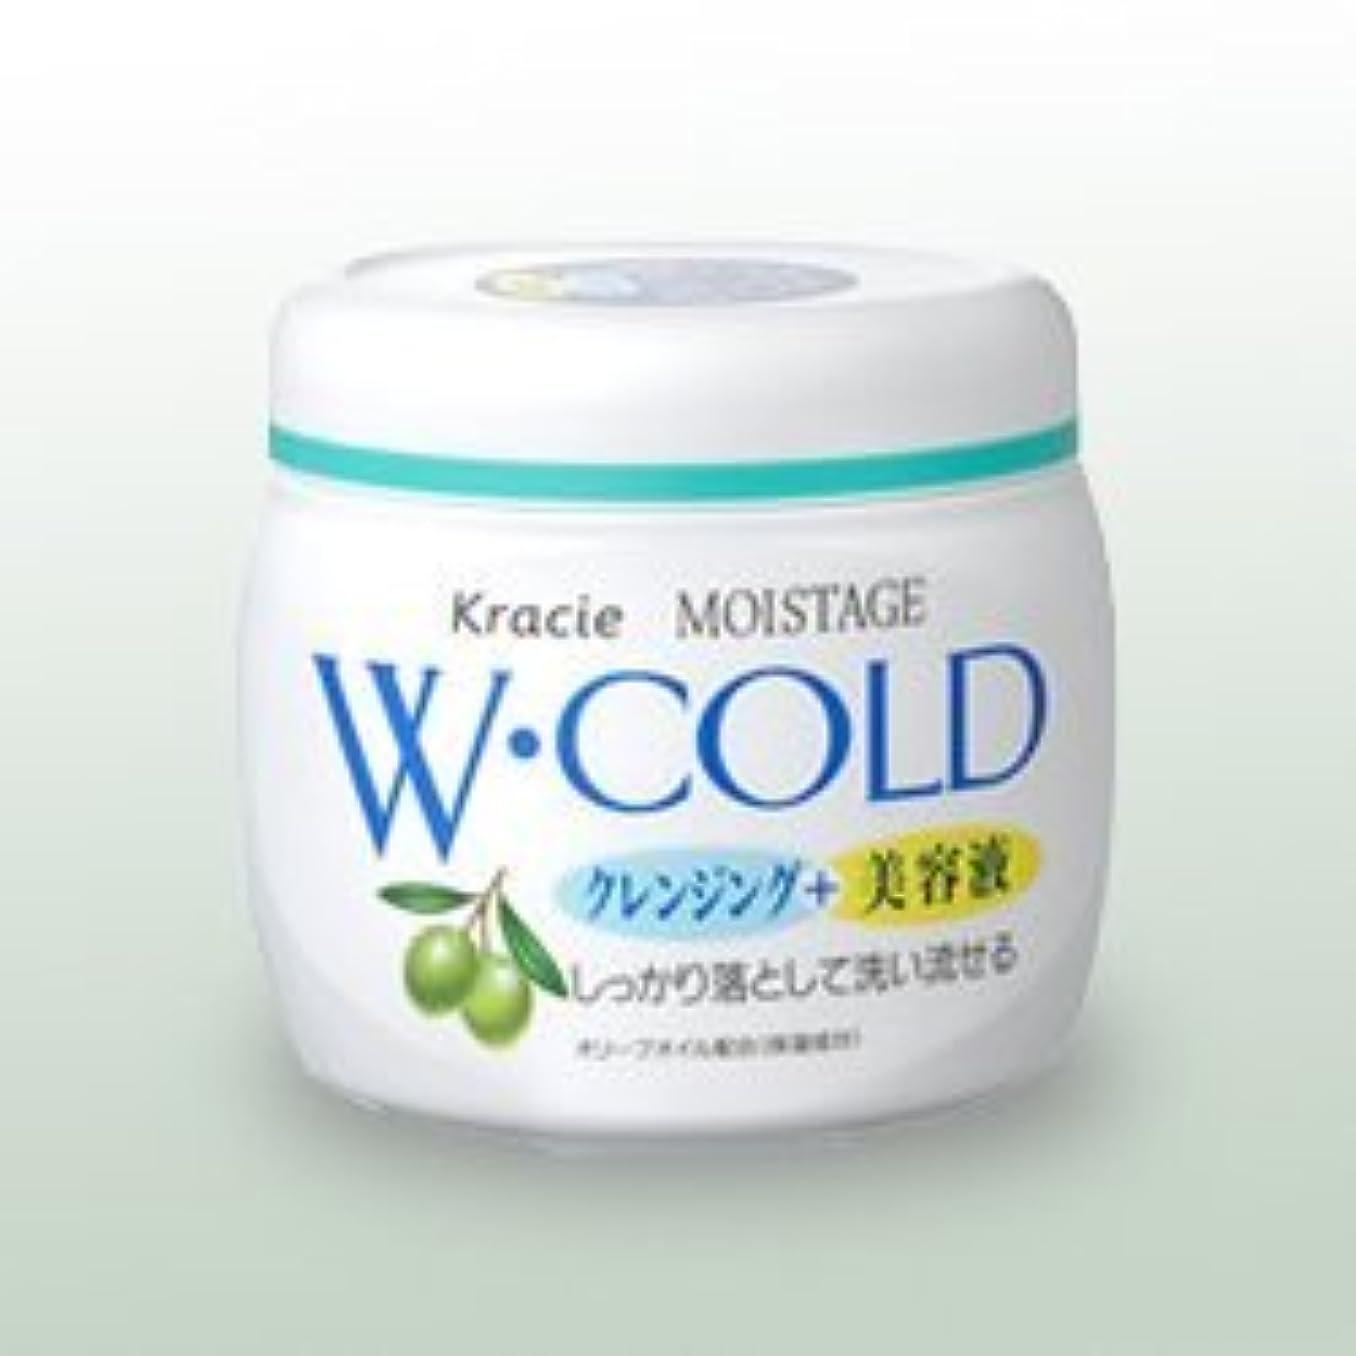 ビーズタフ積分【クラシエ】モイスタージュ Wコールドクリーム 270g ×5個セット